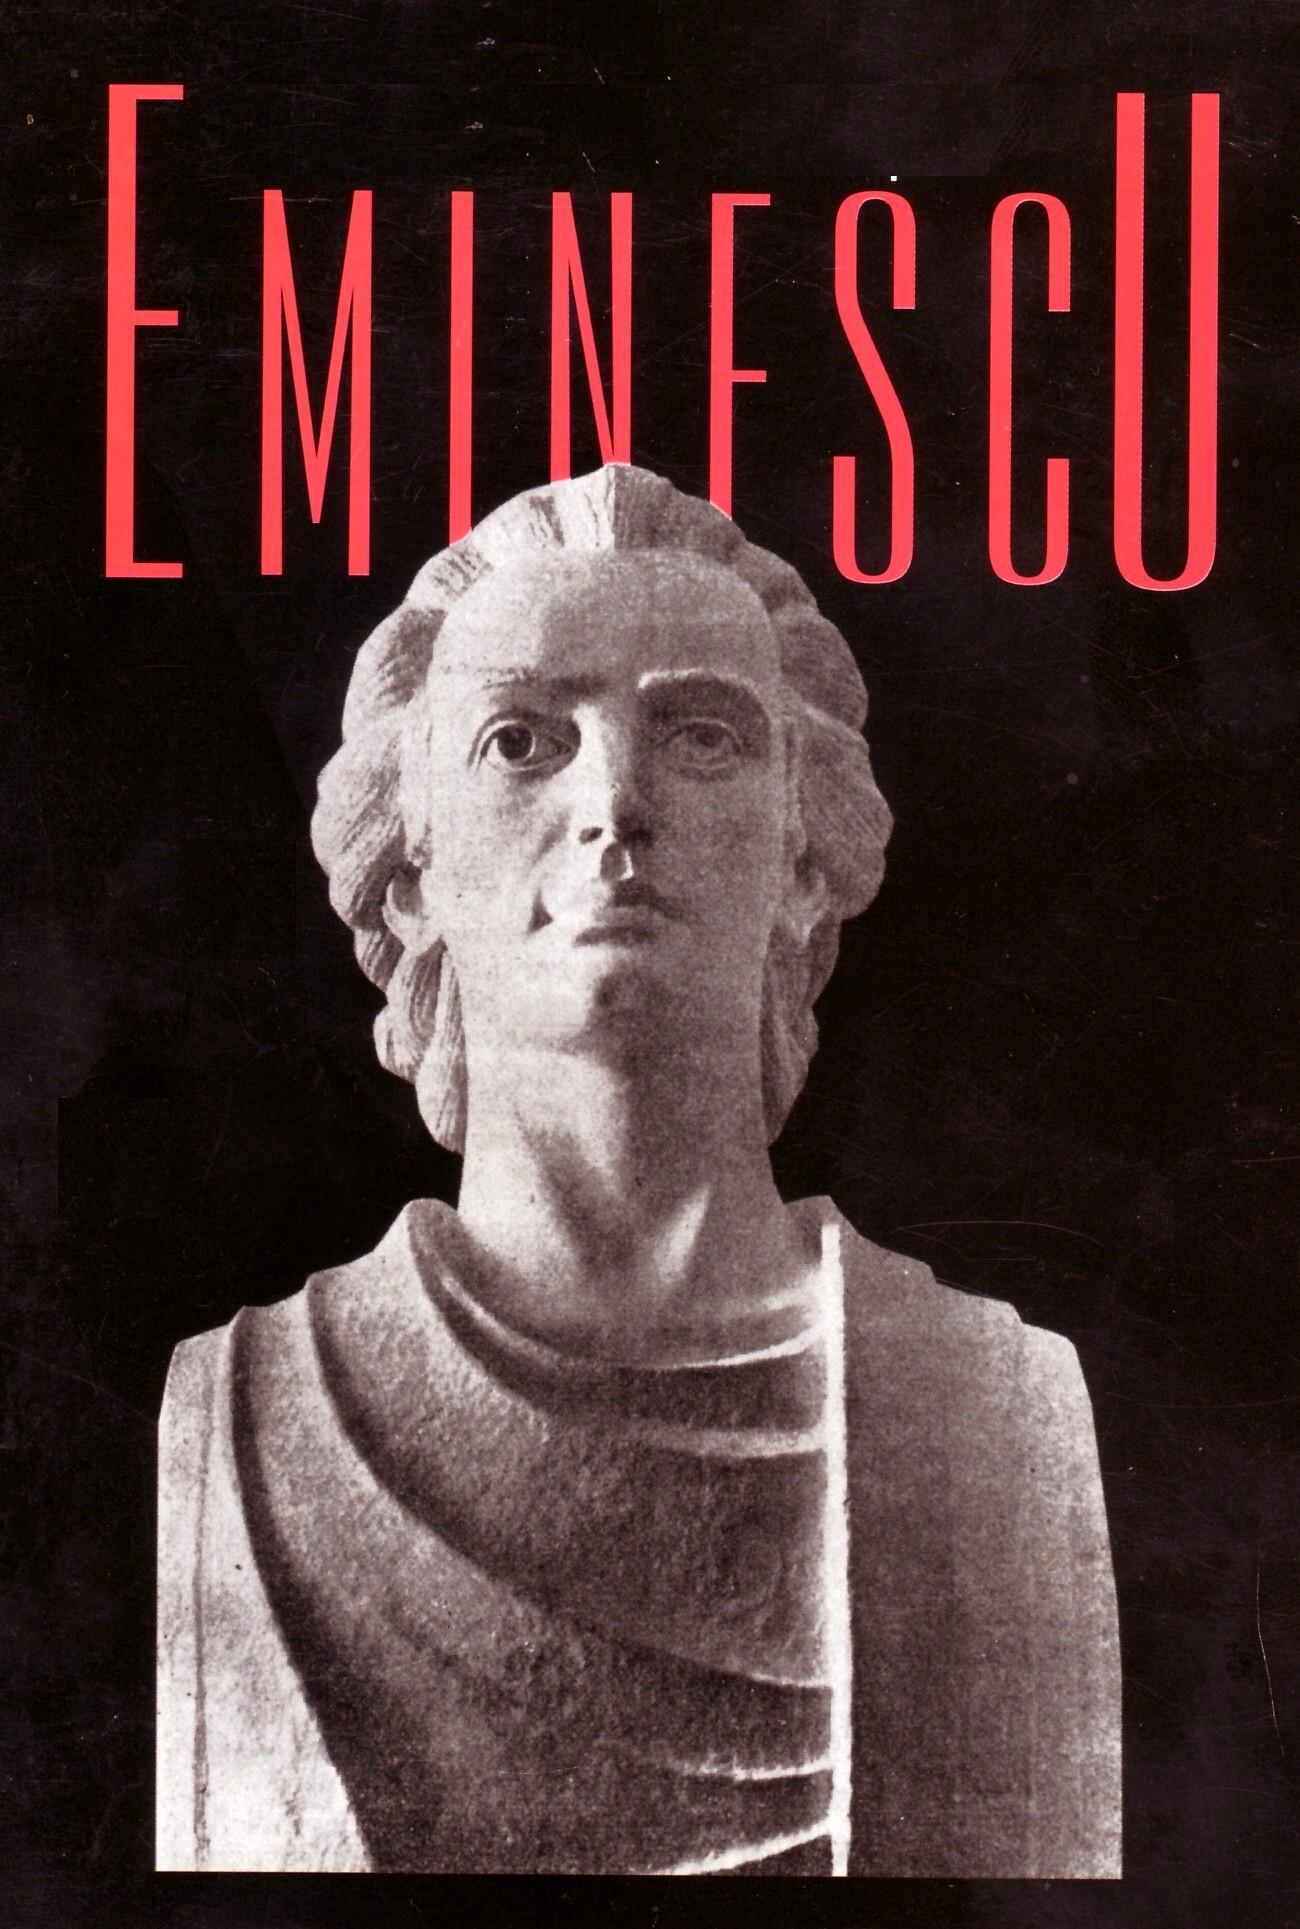 Bustul lui Mihai Eminescu, expus de regretatul Dimitrie Loghin, în 1933, la Cernăuţi, cu ocazia concursului pentru realizarea unui bust al Poetului, destinat Cernăzţilor